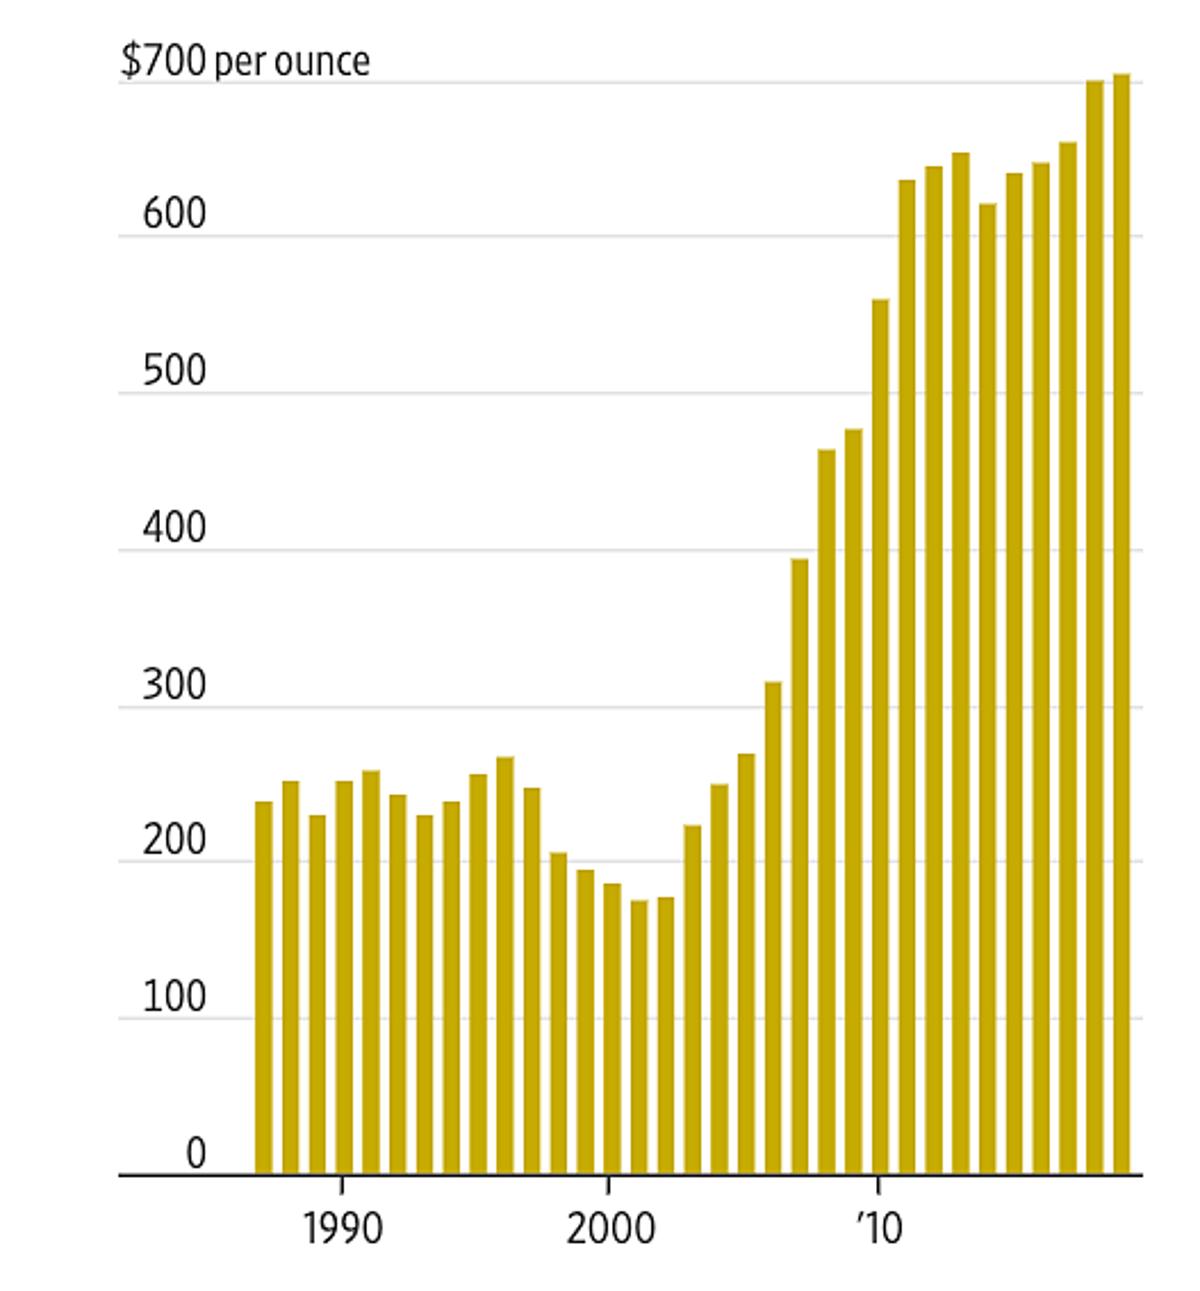 Chi phí khai thác trung bình một ounce vàng trong 3 thập niên qua. Nguồn: Refinitiv. Đồ họa: WSJ